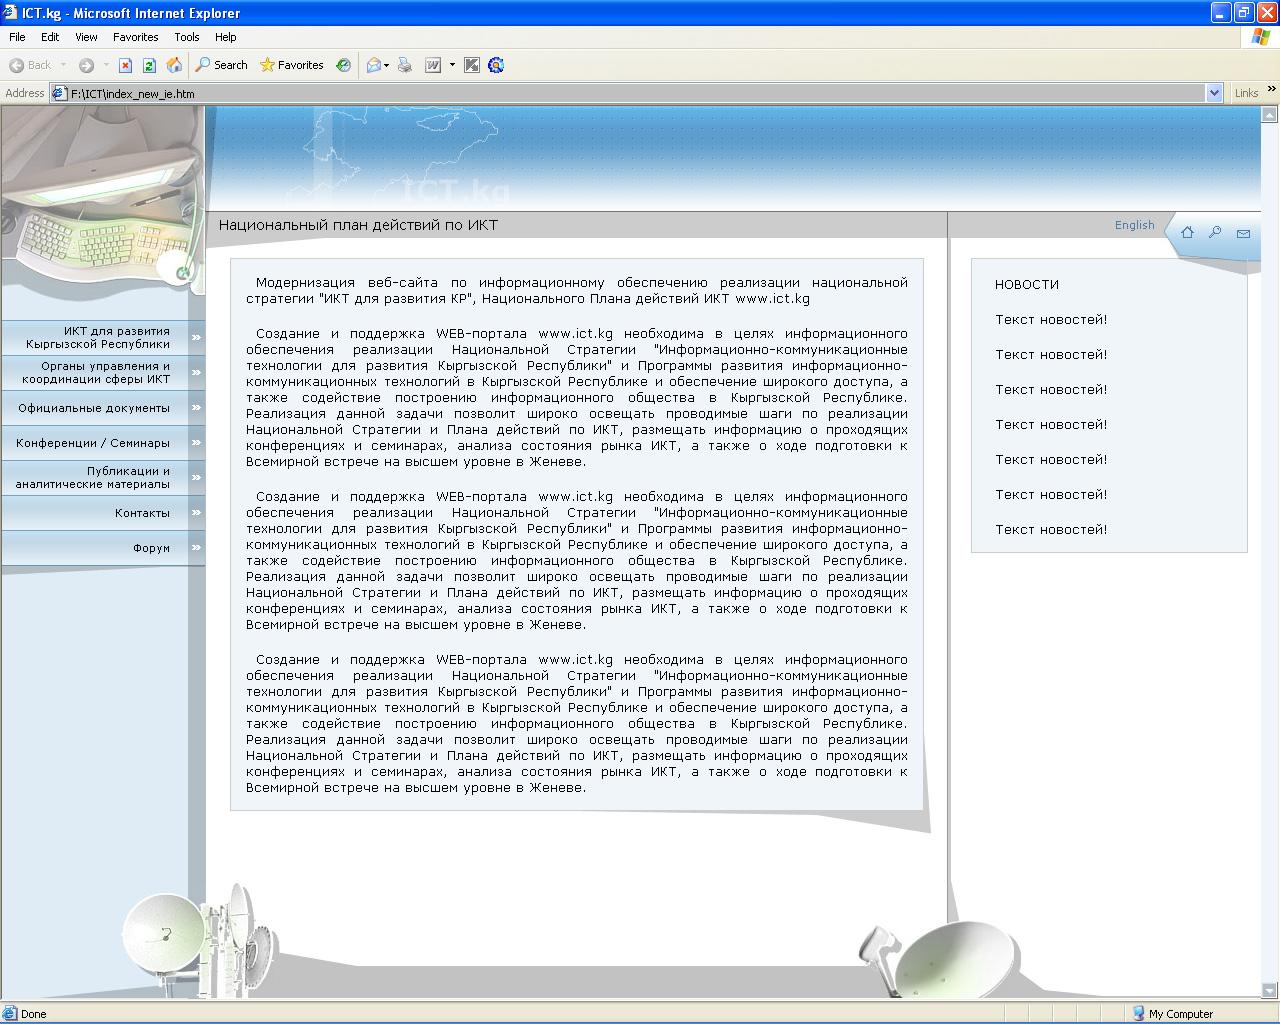 Национальный план действий по ИКТ